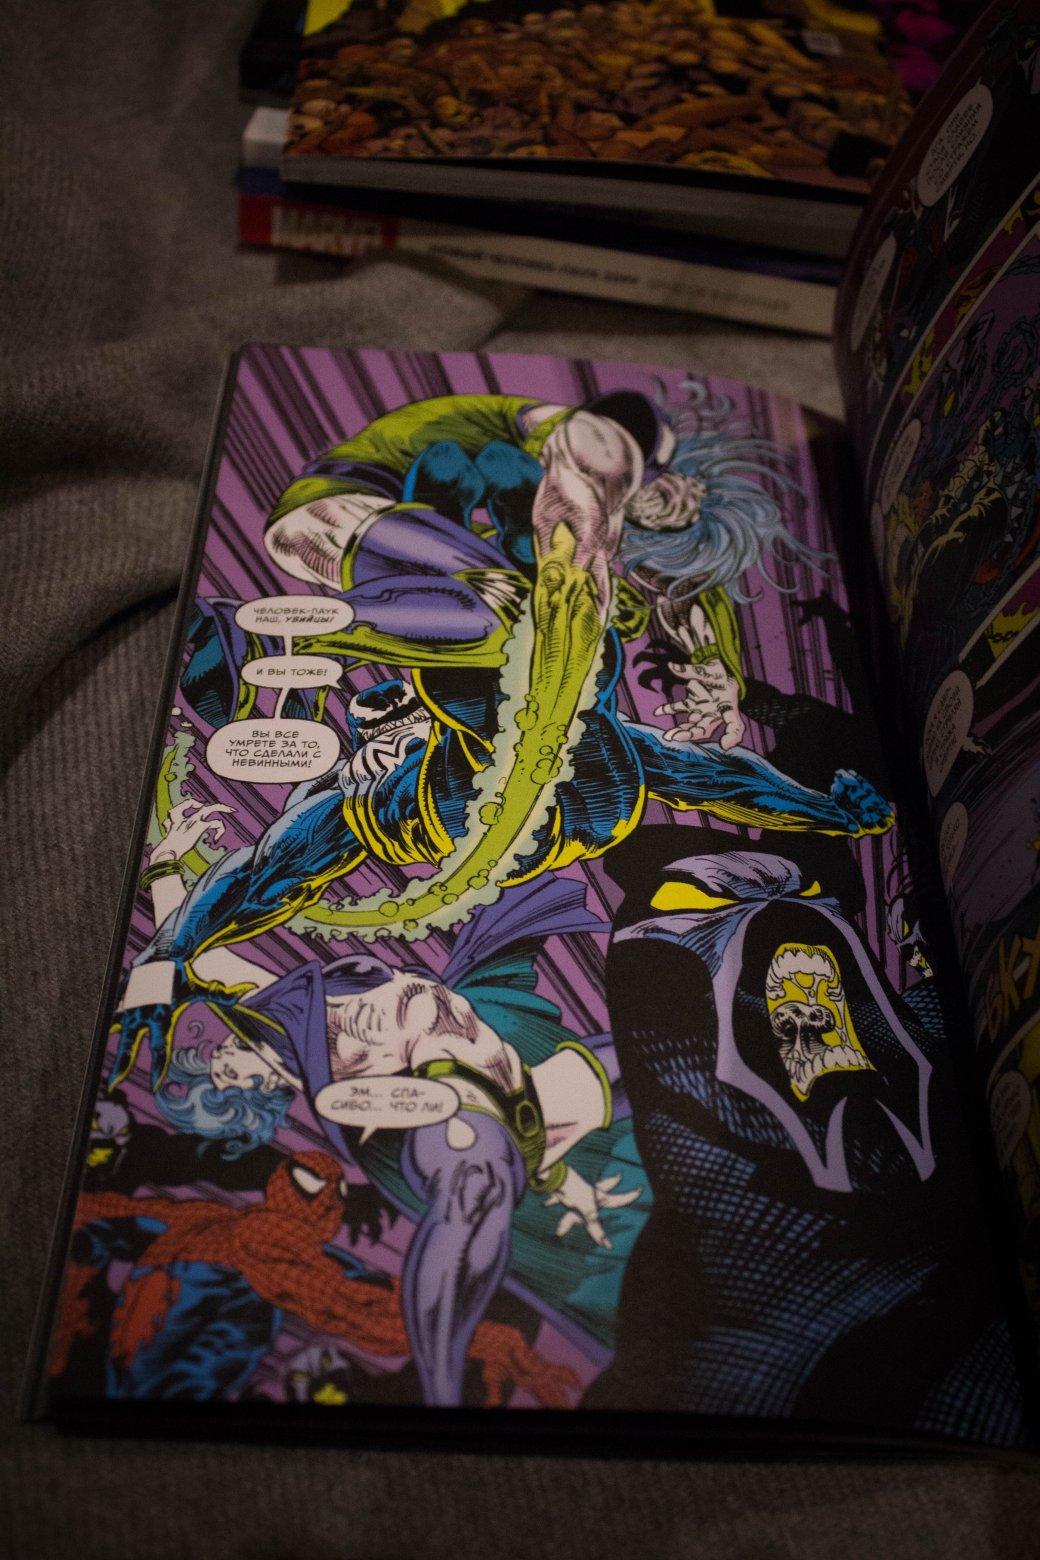 Ради чего читать «Веном: Духи возмездия»? Призрачный гонщик, Человек-паук ипрочая вакханалия 90-х | Канобу - Изображение 1